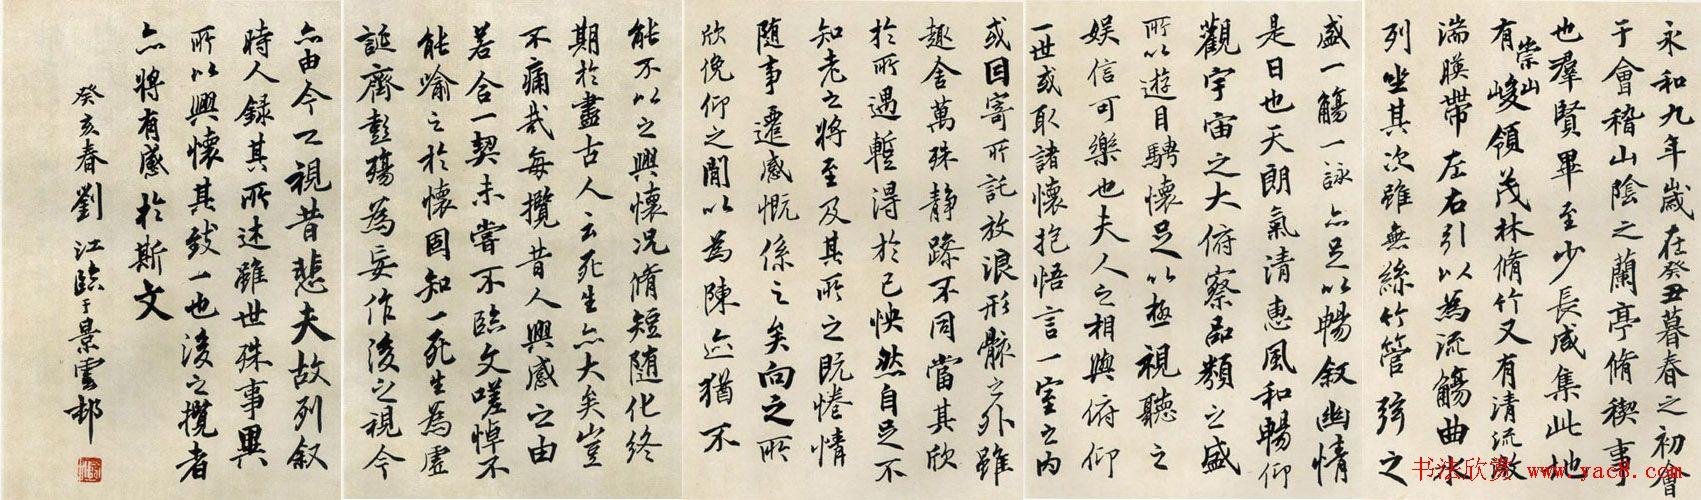 刘江书法作品临《兰亭序》